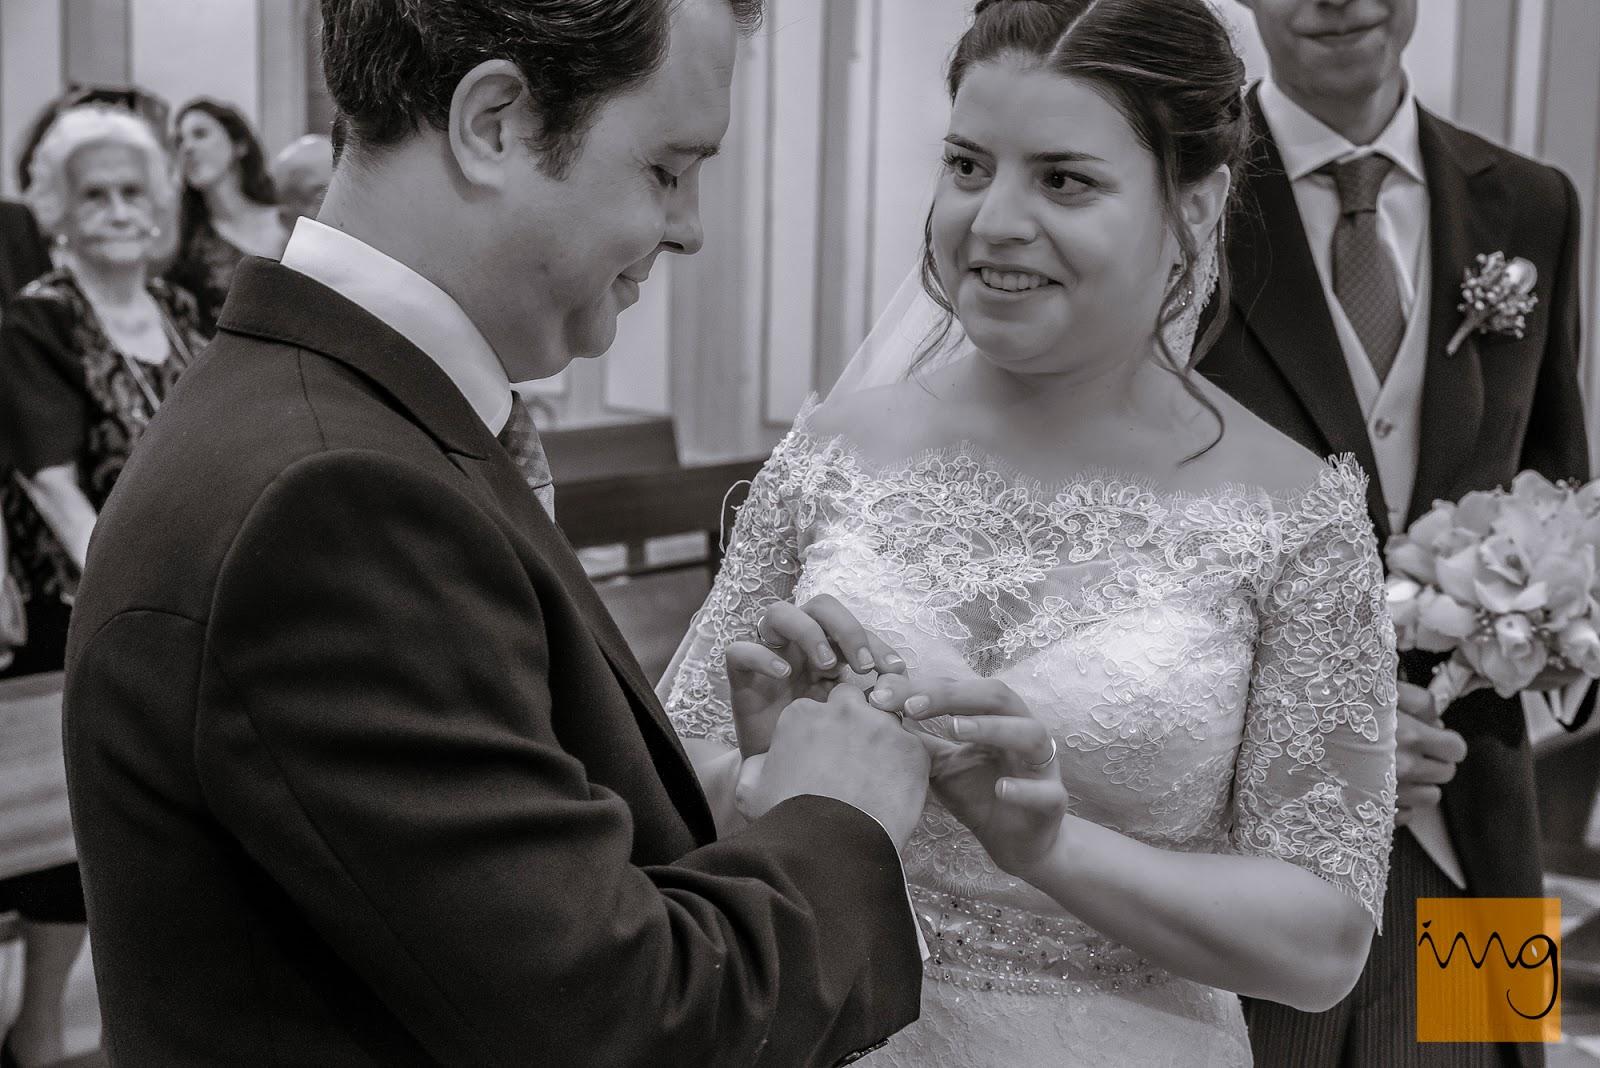 Fotografía de boda, las alianzas